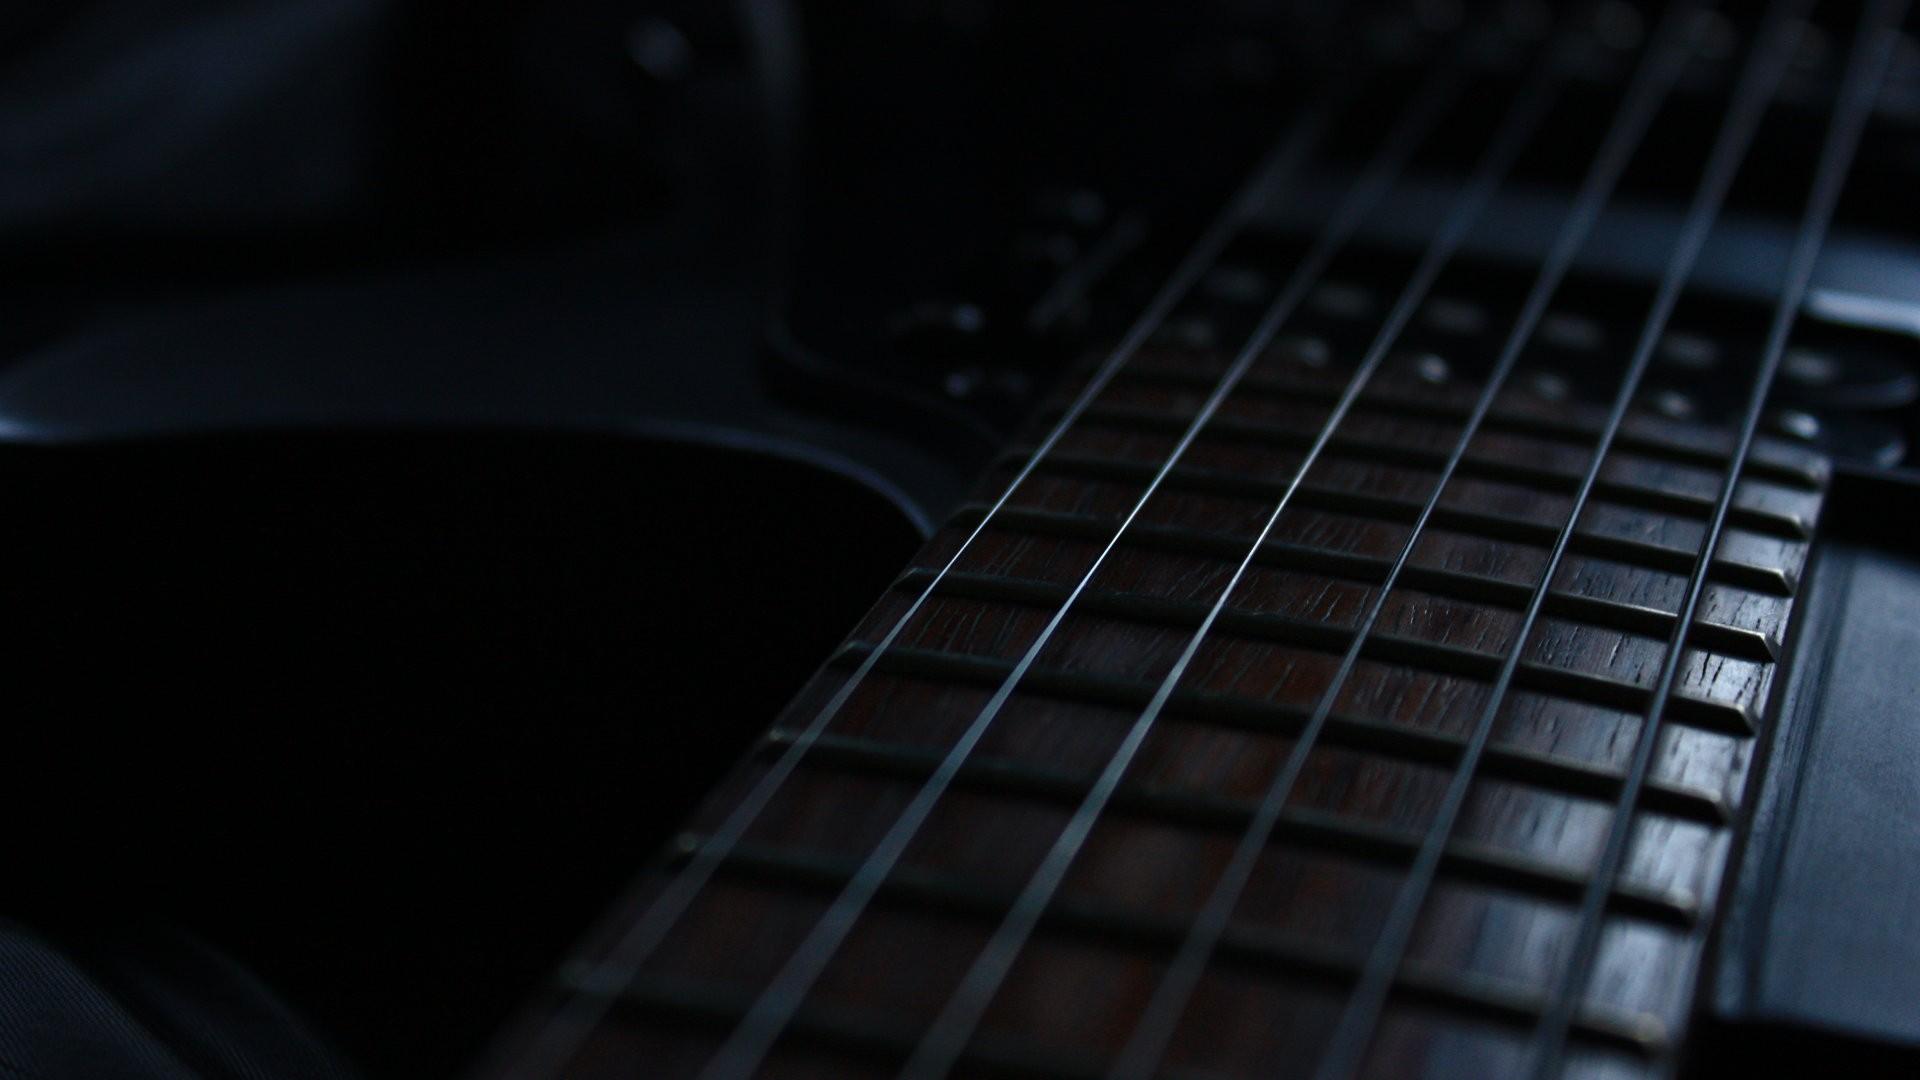 Hd wallpaper guitar - 1920x1080 Guitar Strings Desktop Pc And Mac Wallpaper